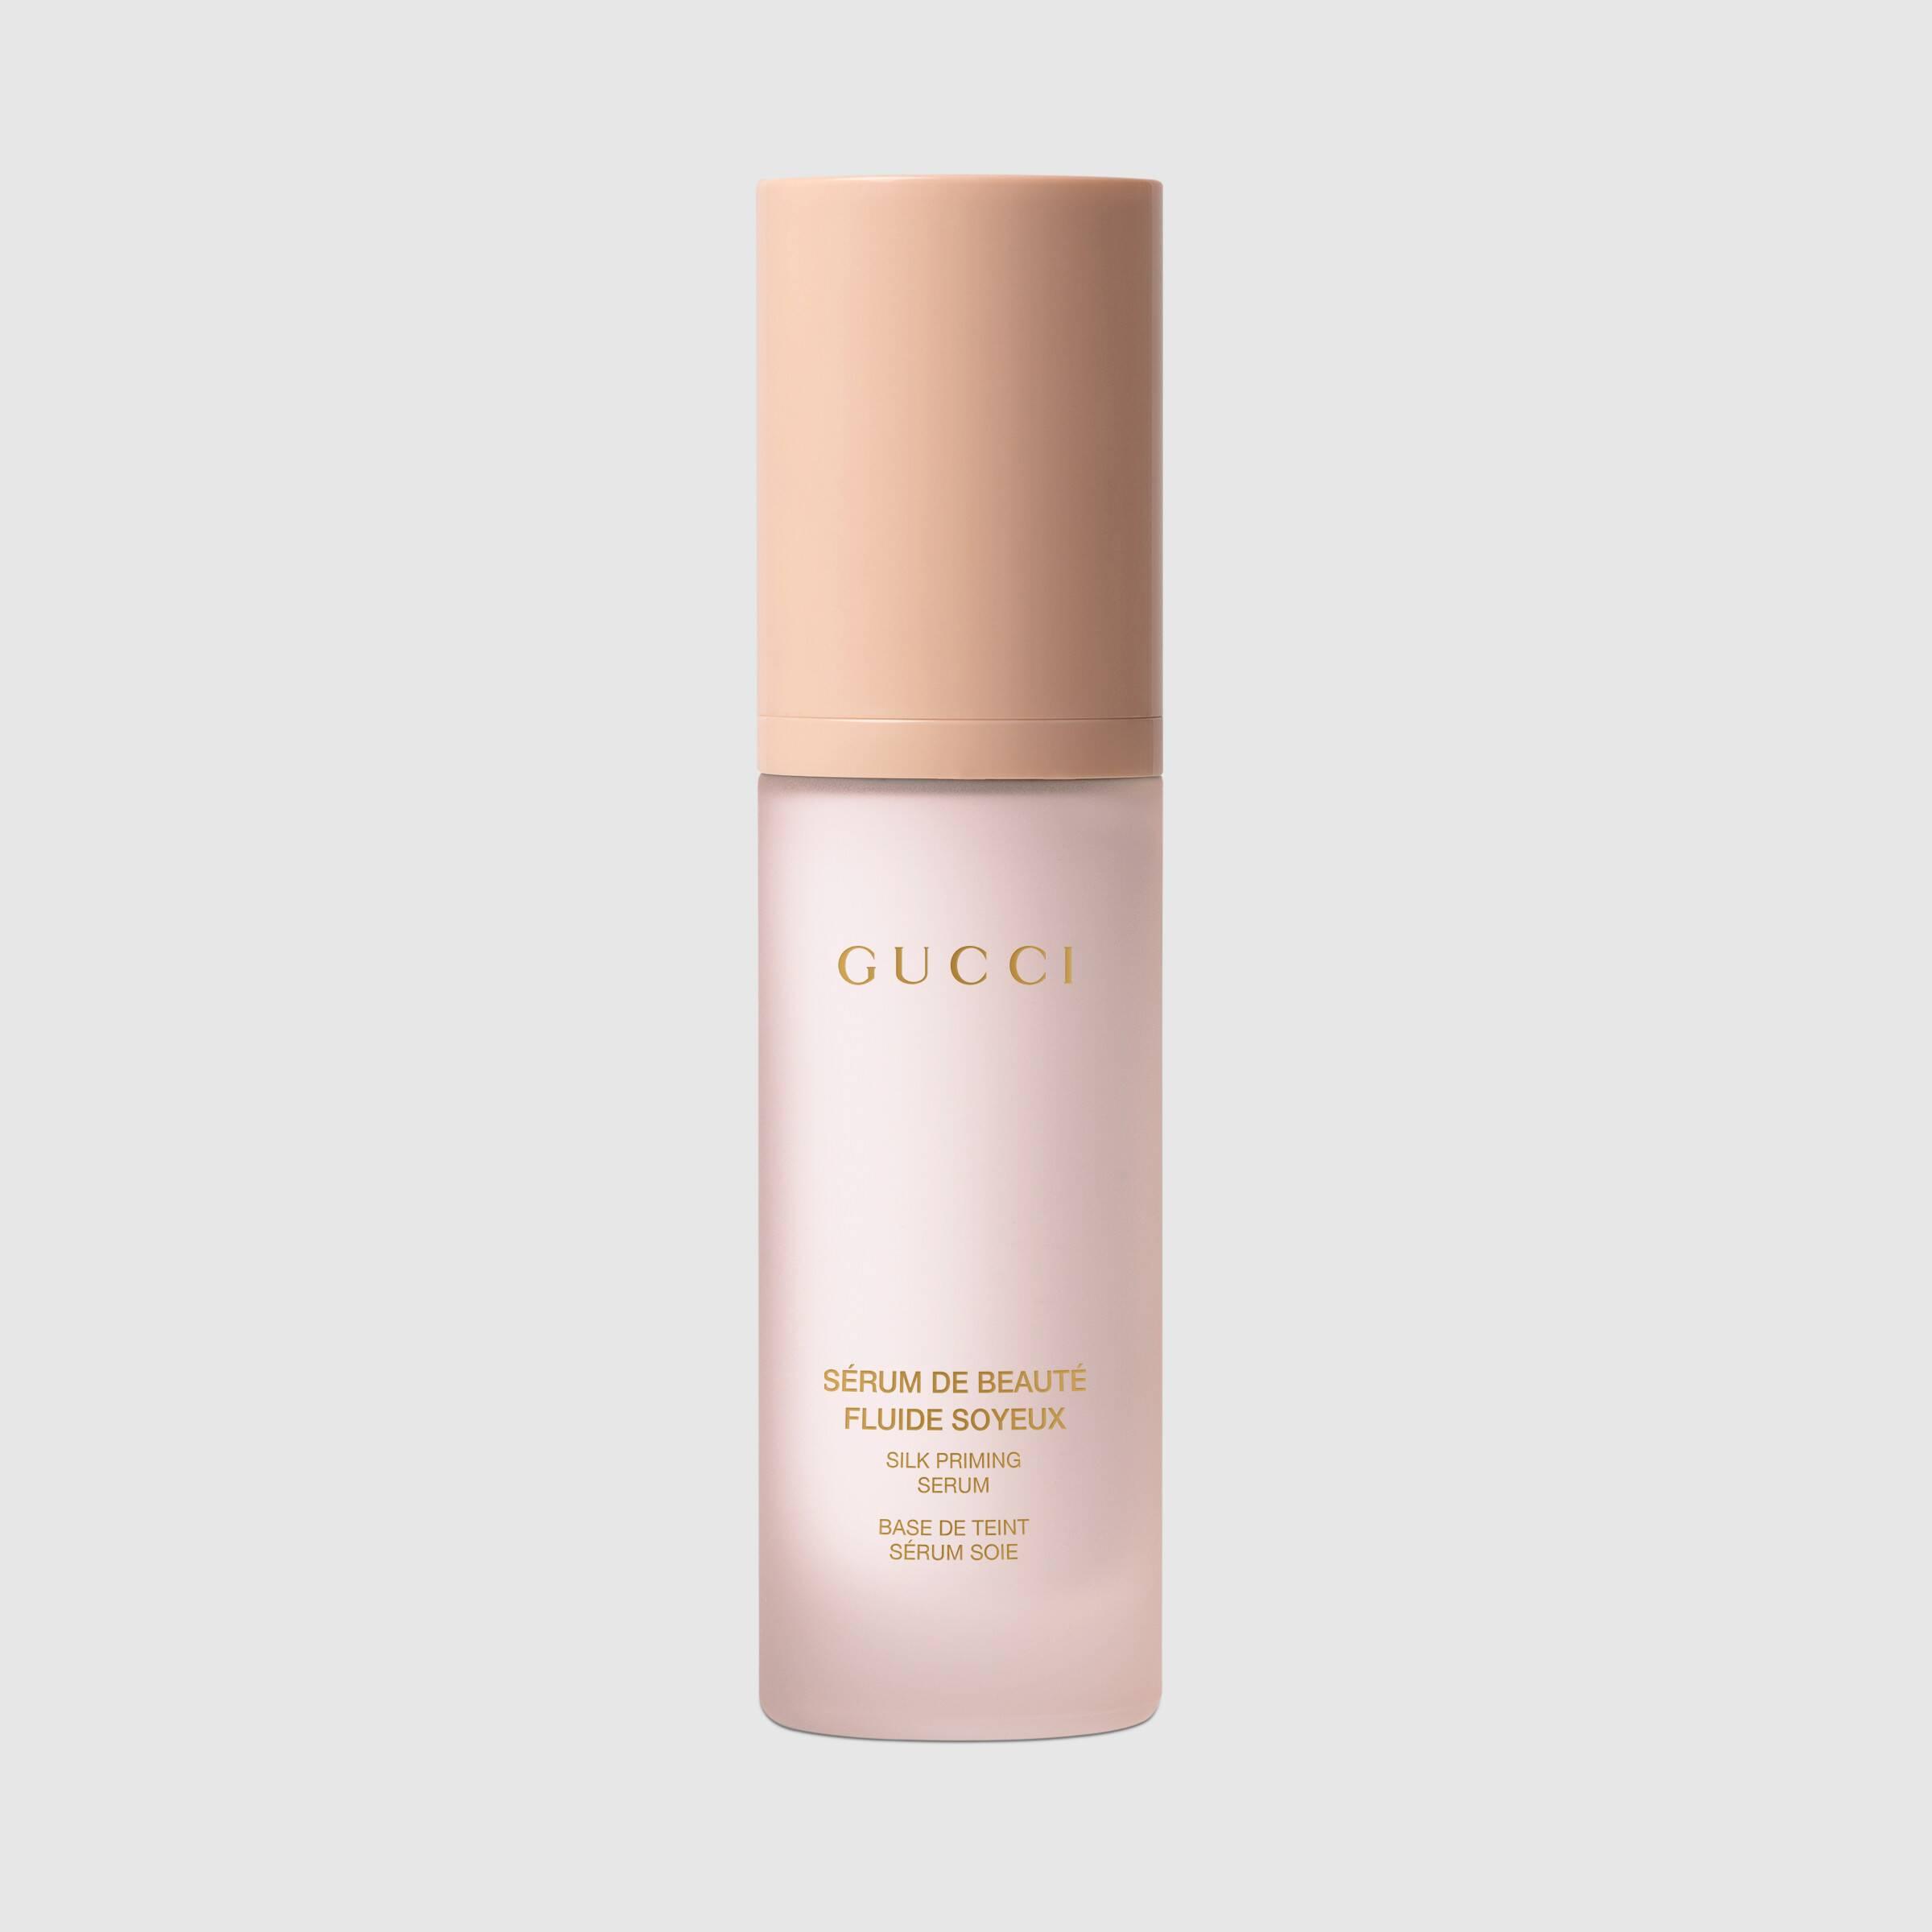 Gucci Sérum De Beauté Fluide Soyeux Primer